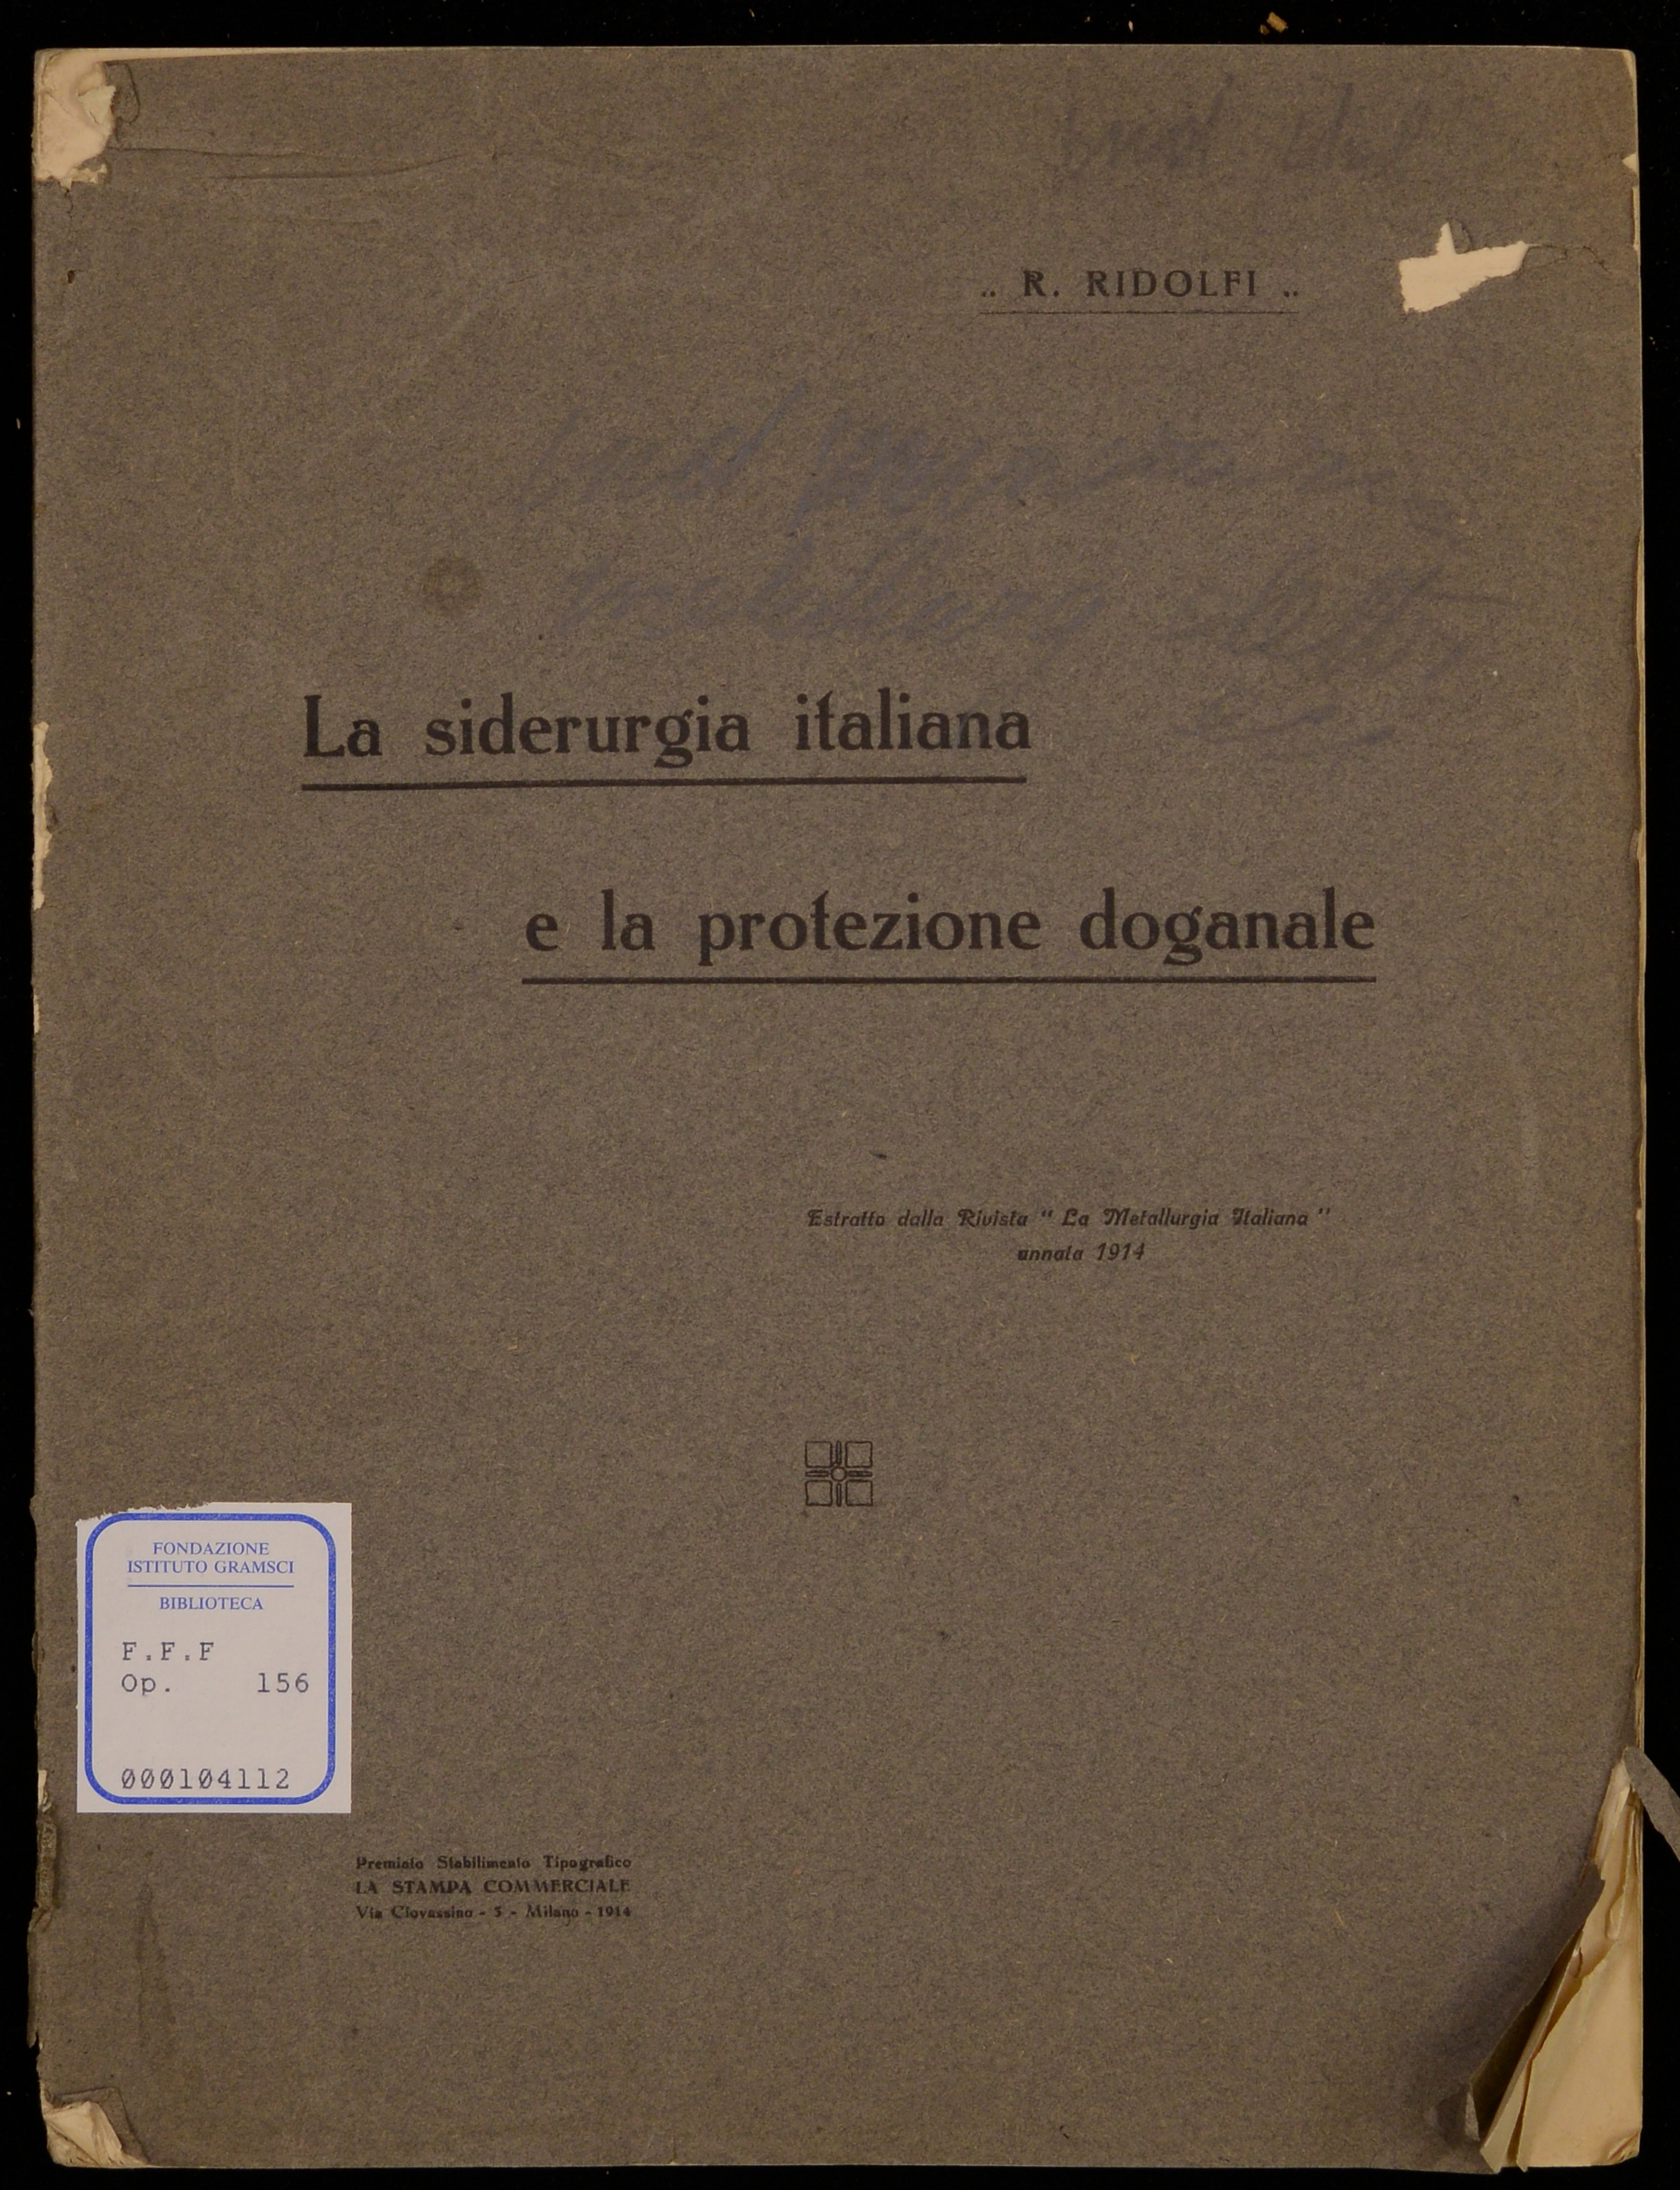 La siderurgia italiana e la protezione doganale